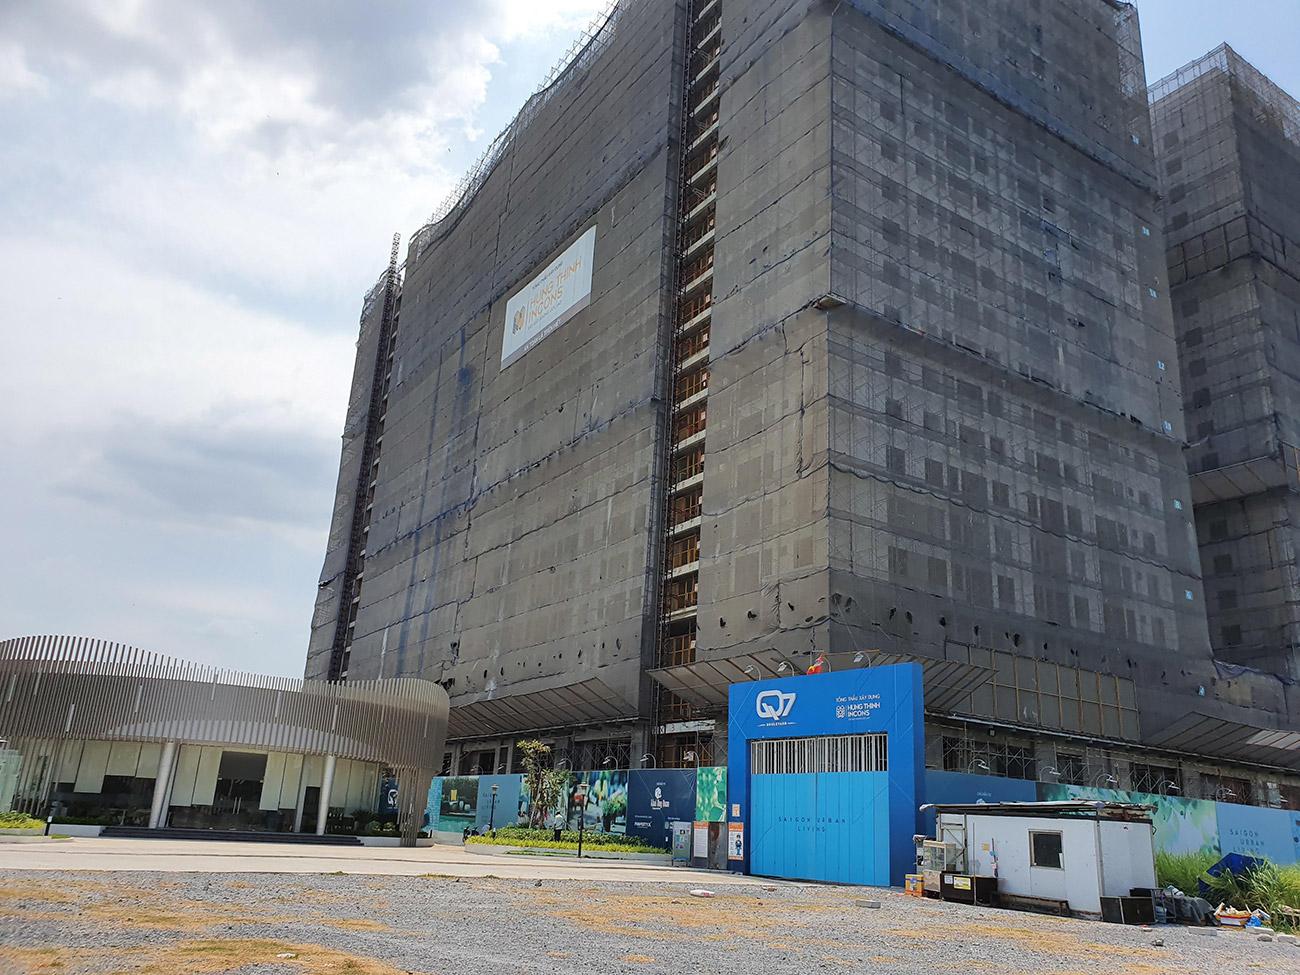 Tiến độ dự án căn hộ Q7 Boulevard chủ đầu tư Hưng Thịnh Corp